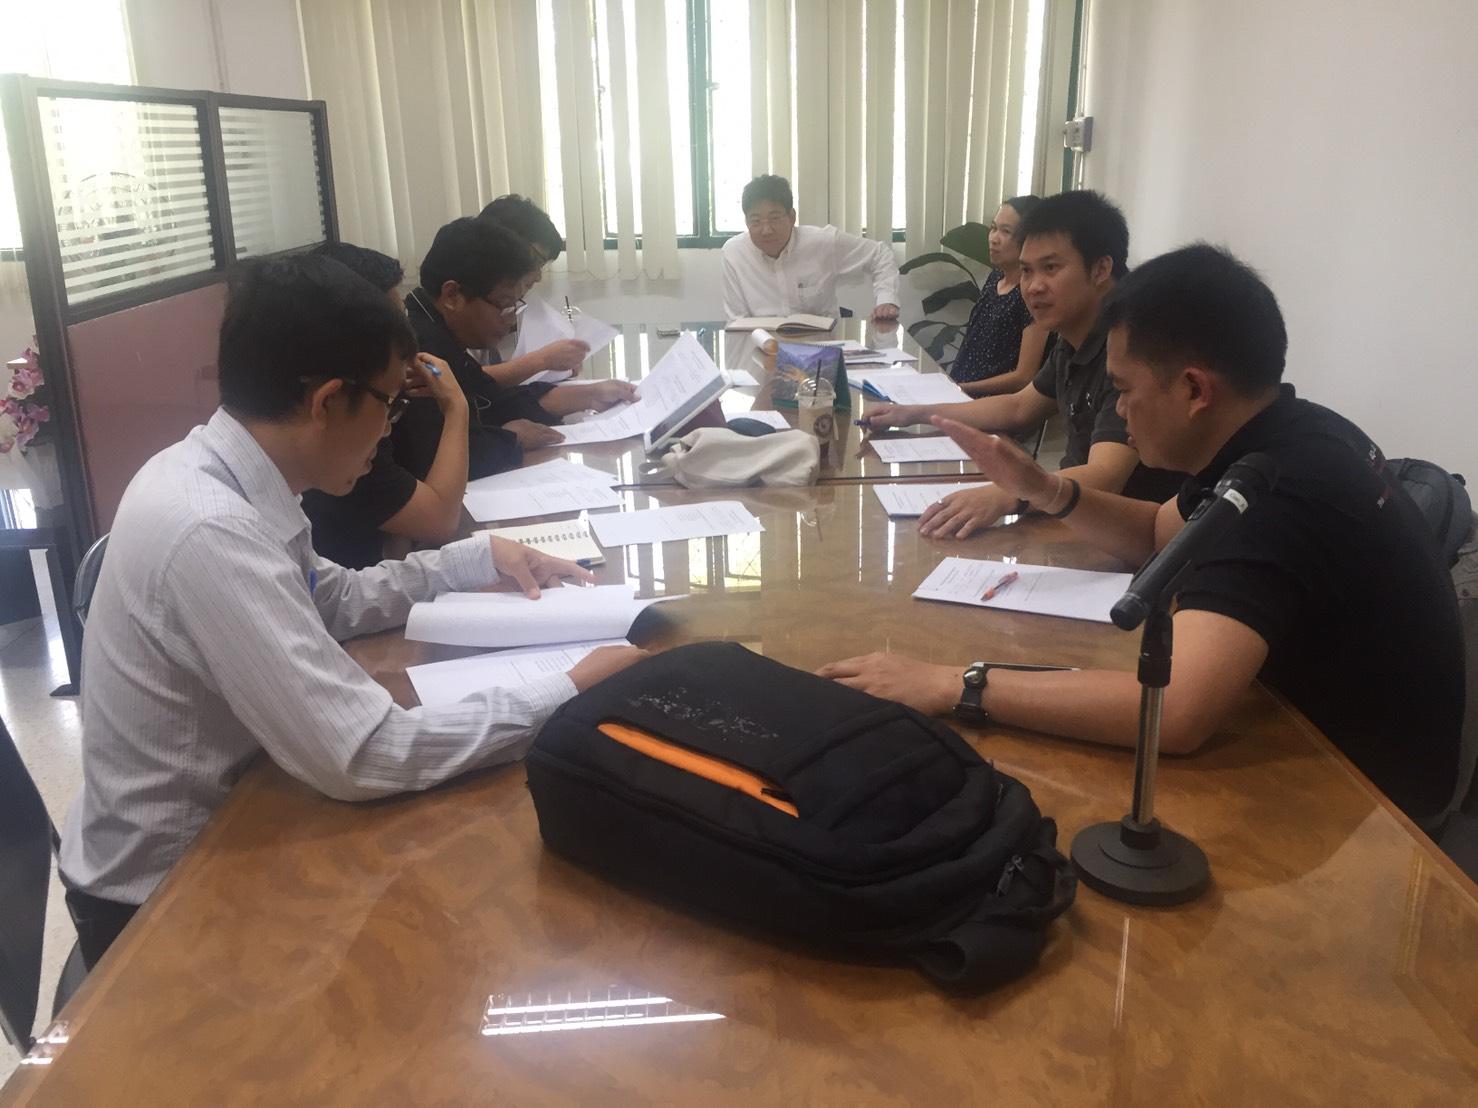 การประชุมประธานหลักสูตร(4ปี คณะวิศวกรรมศาสตร์)